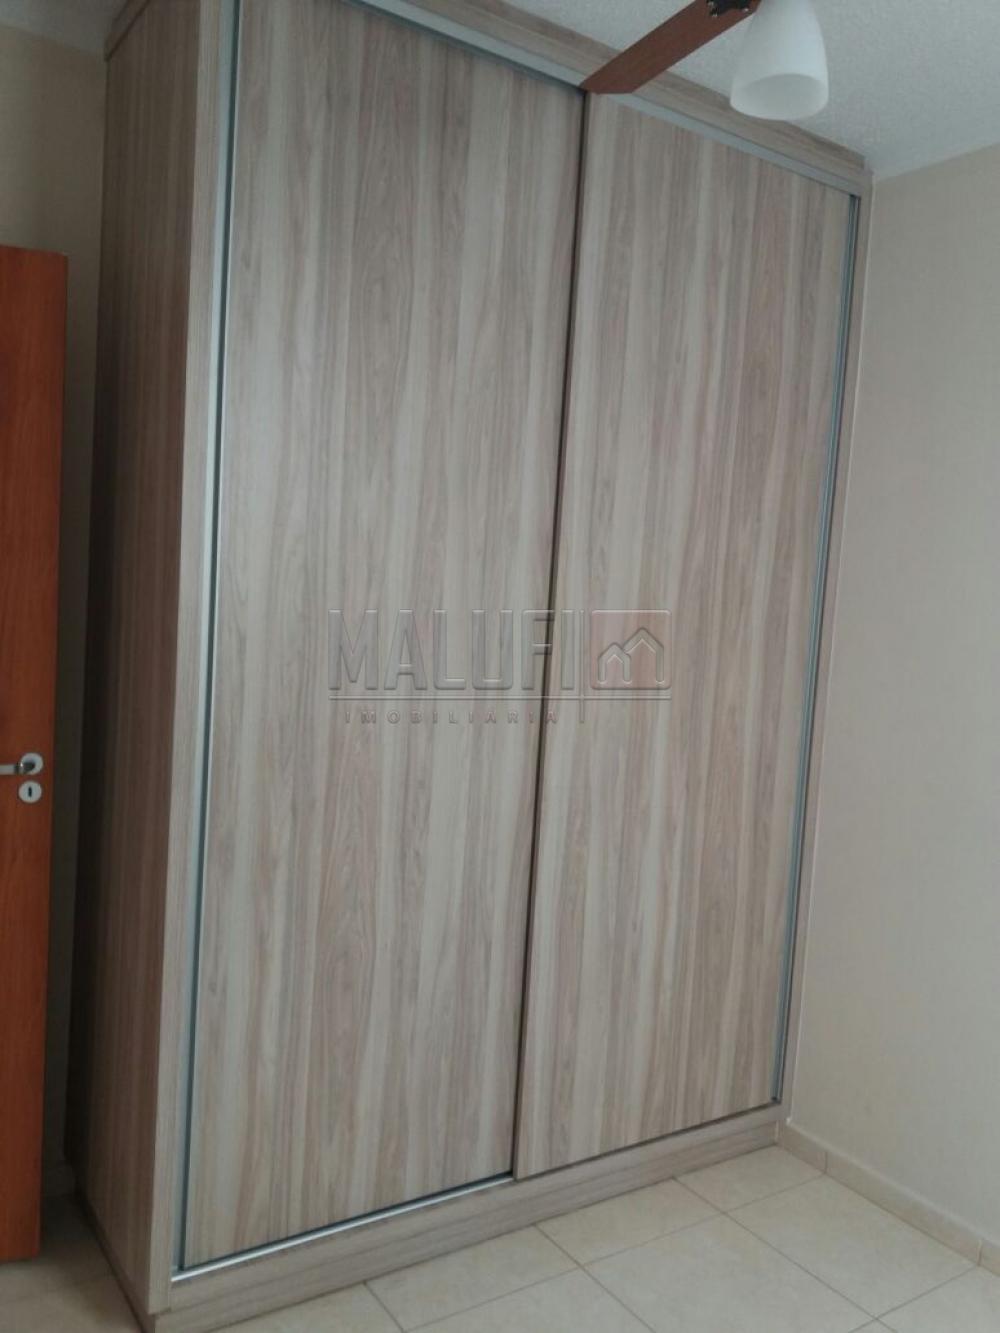 Alugar Apartamentos / Padrão em São José do Rio Preto apenas R$ 1.200,00 - Foto 10